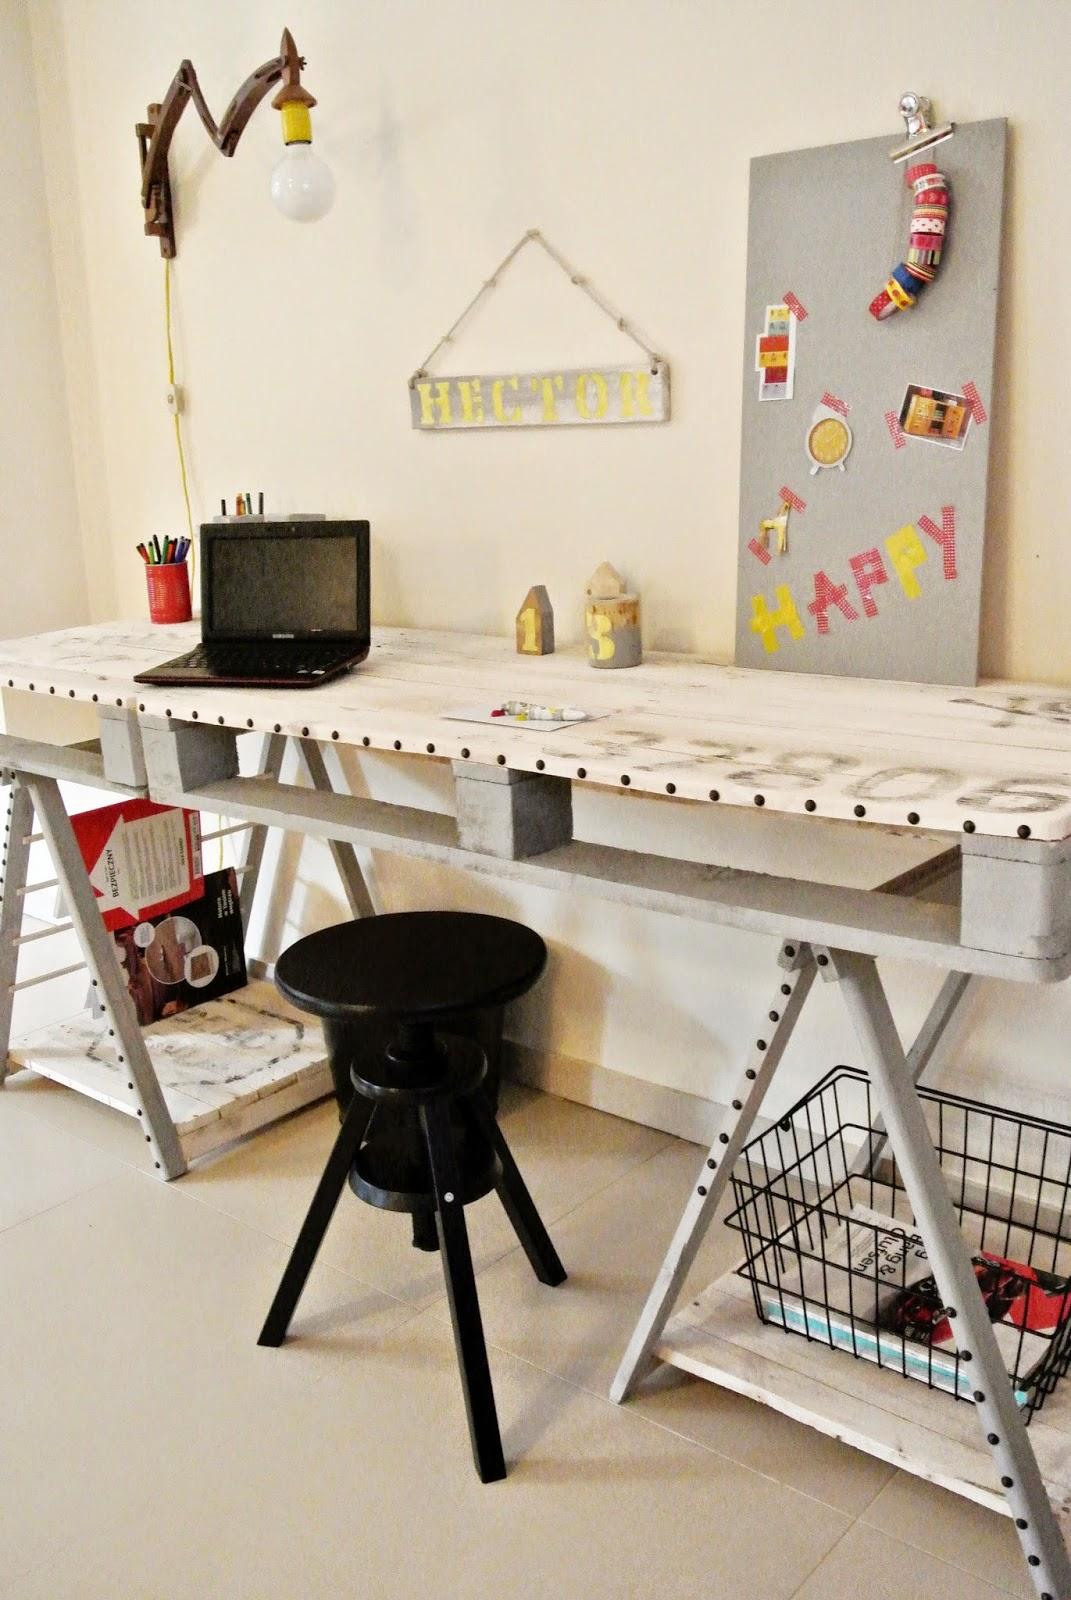 biurko z palet DIY,pinezki jako ozdoba,upcykling,jakie biurko do pokoju młodzieżowego,malowanie drewna,transfer na drewnie,meble z palet DIY,najlepsze meble z palet